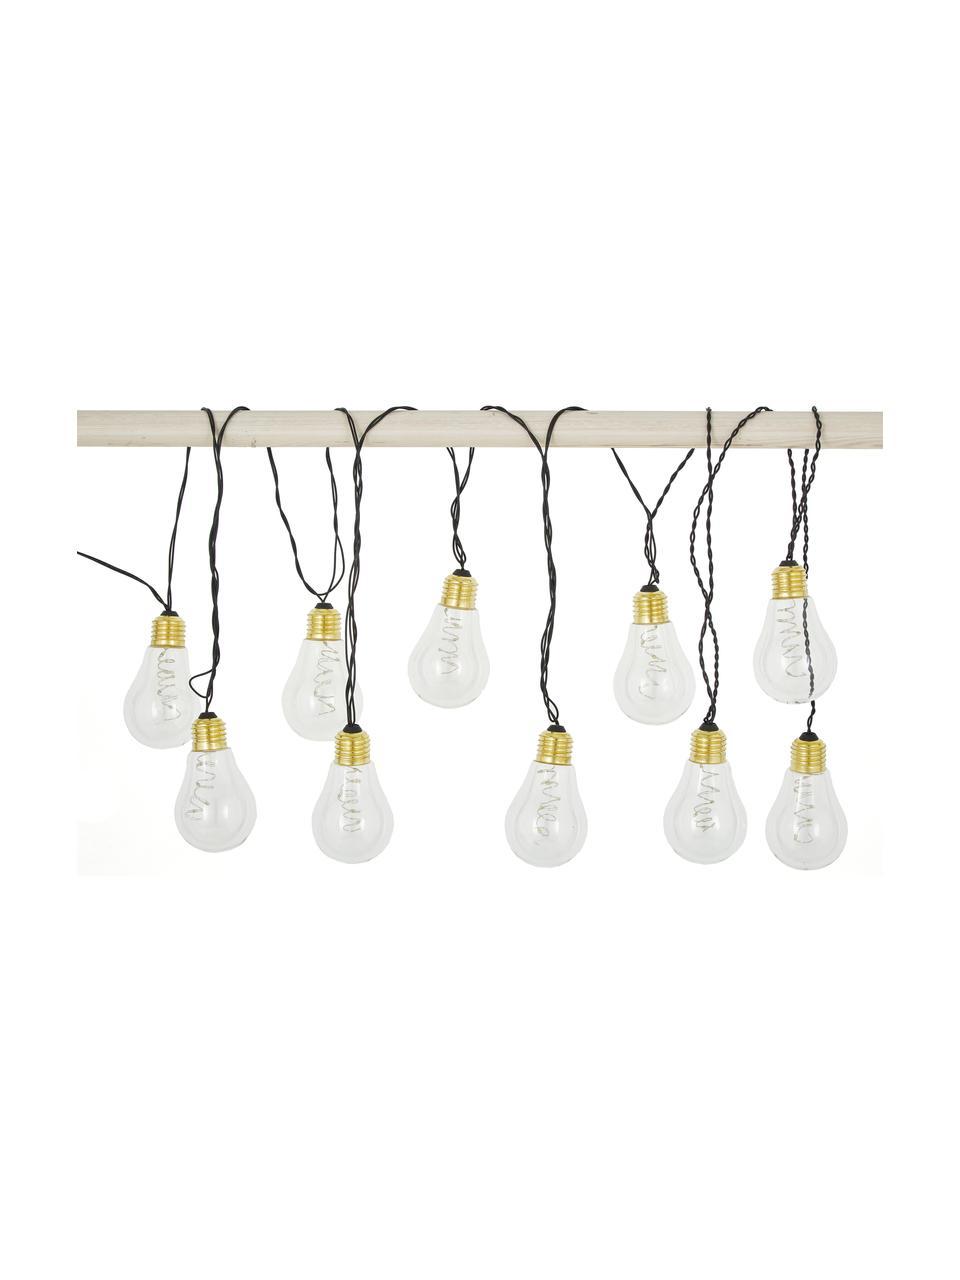 Girlanda świetlna LED Bulb, dł. 360 cm i 10 lampionów, Żarówka: transparentny, odcienie złotego Kabel: czarny, D 360 cm